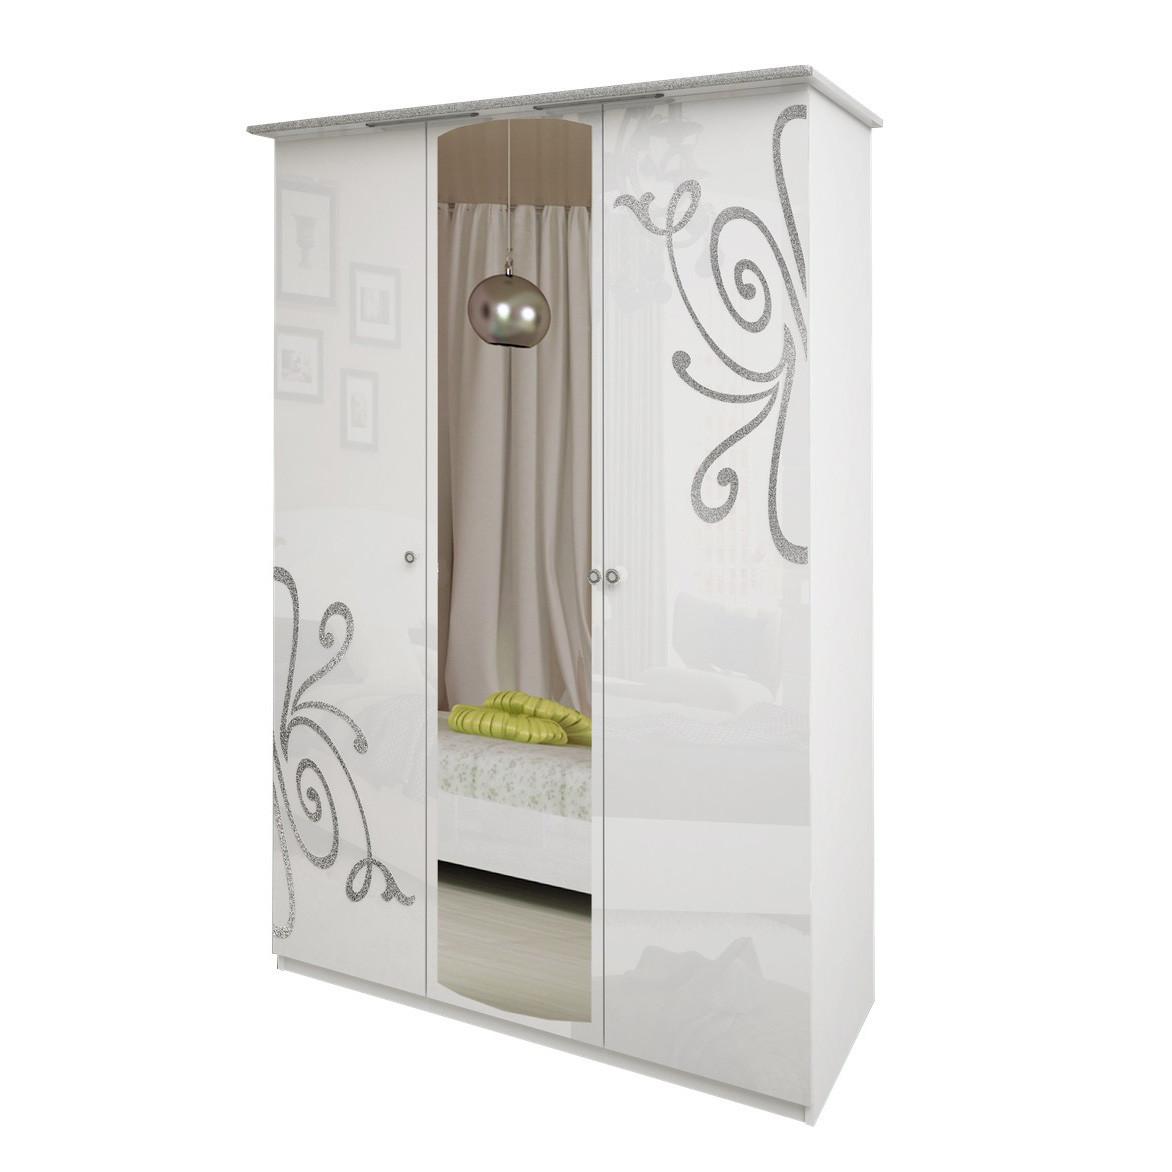 Шафа розпашній з дзеркалом у спальню, в передпокій Богема 3Д BG-13-WB MiroMark білий глянець